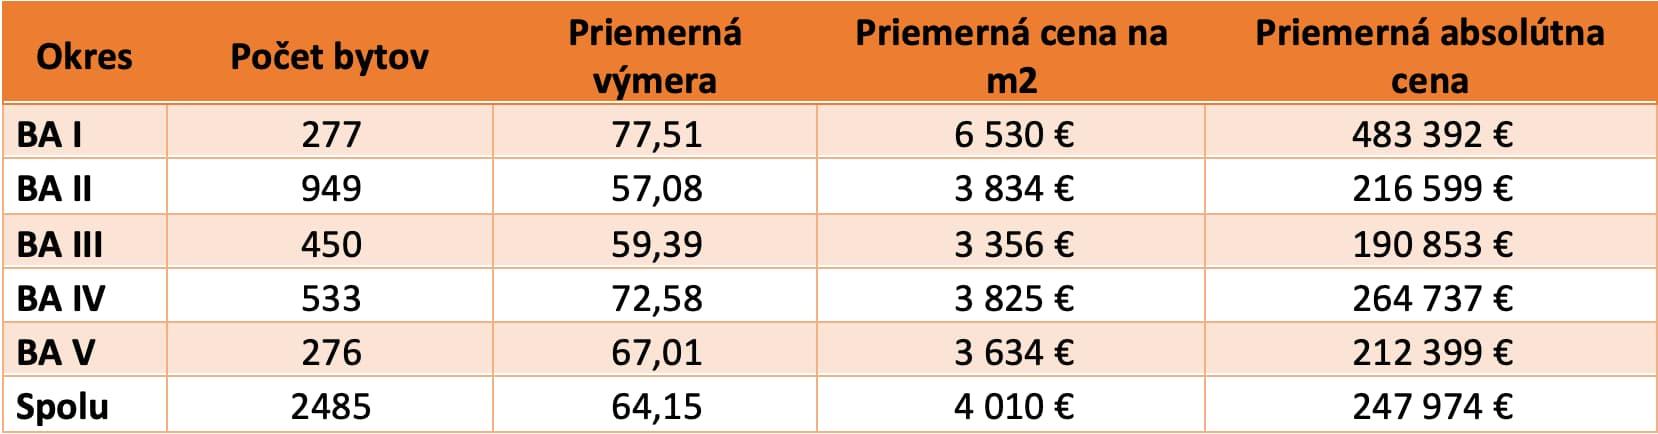 Tabuľka 1: Špecifiká voľných bytov na trhu s novostavbami v Bratislave rozdelené podľa okresov (2.Q.2021)